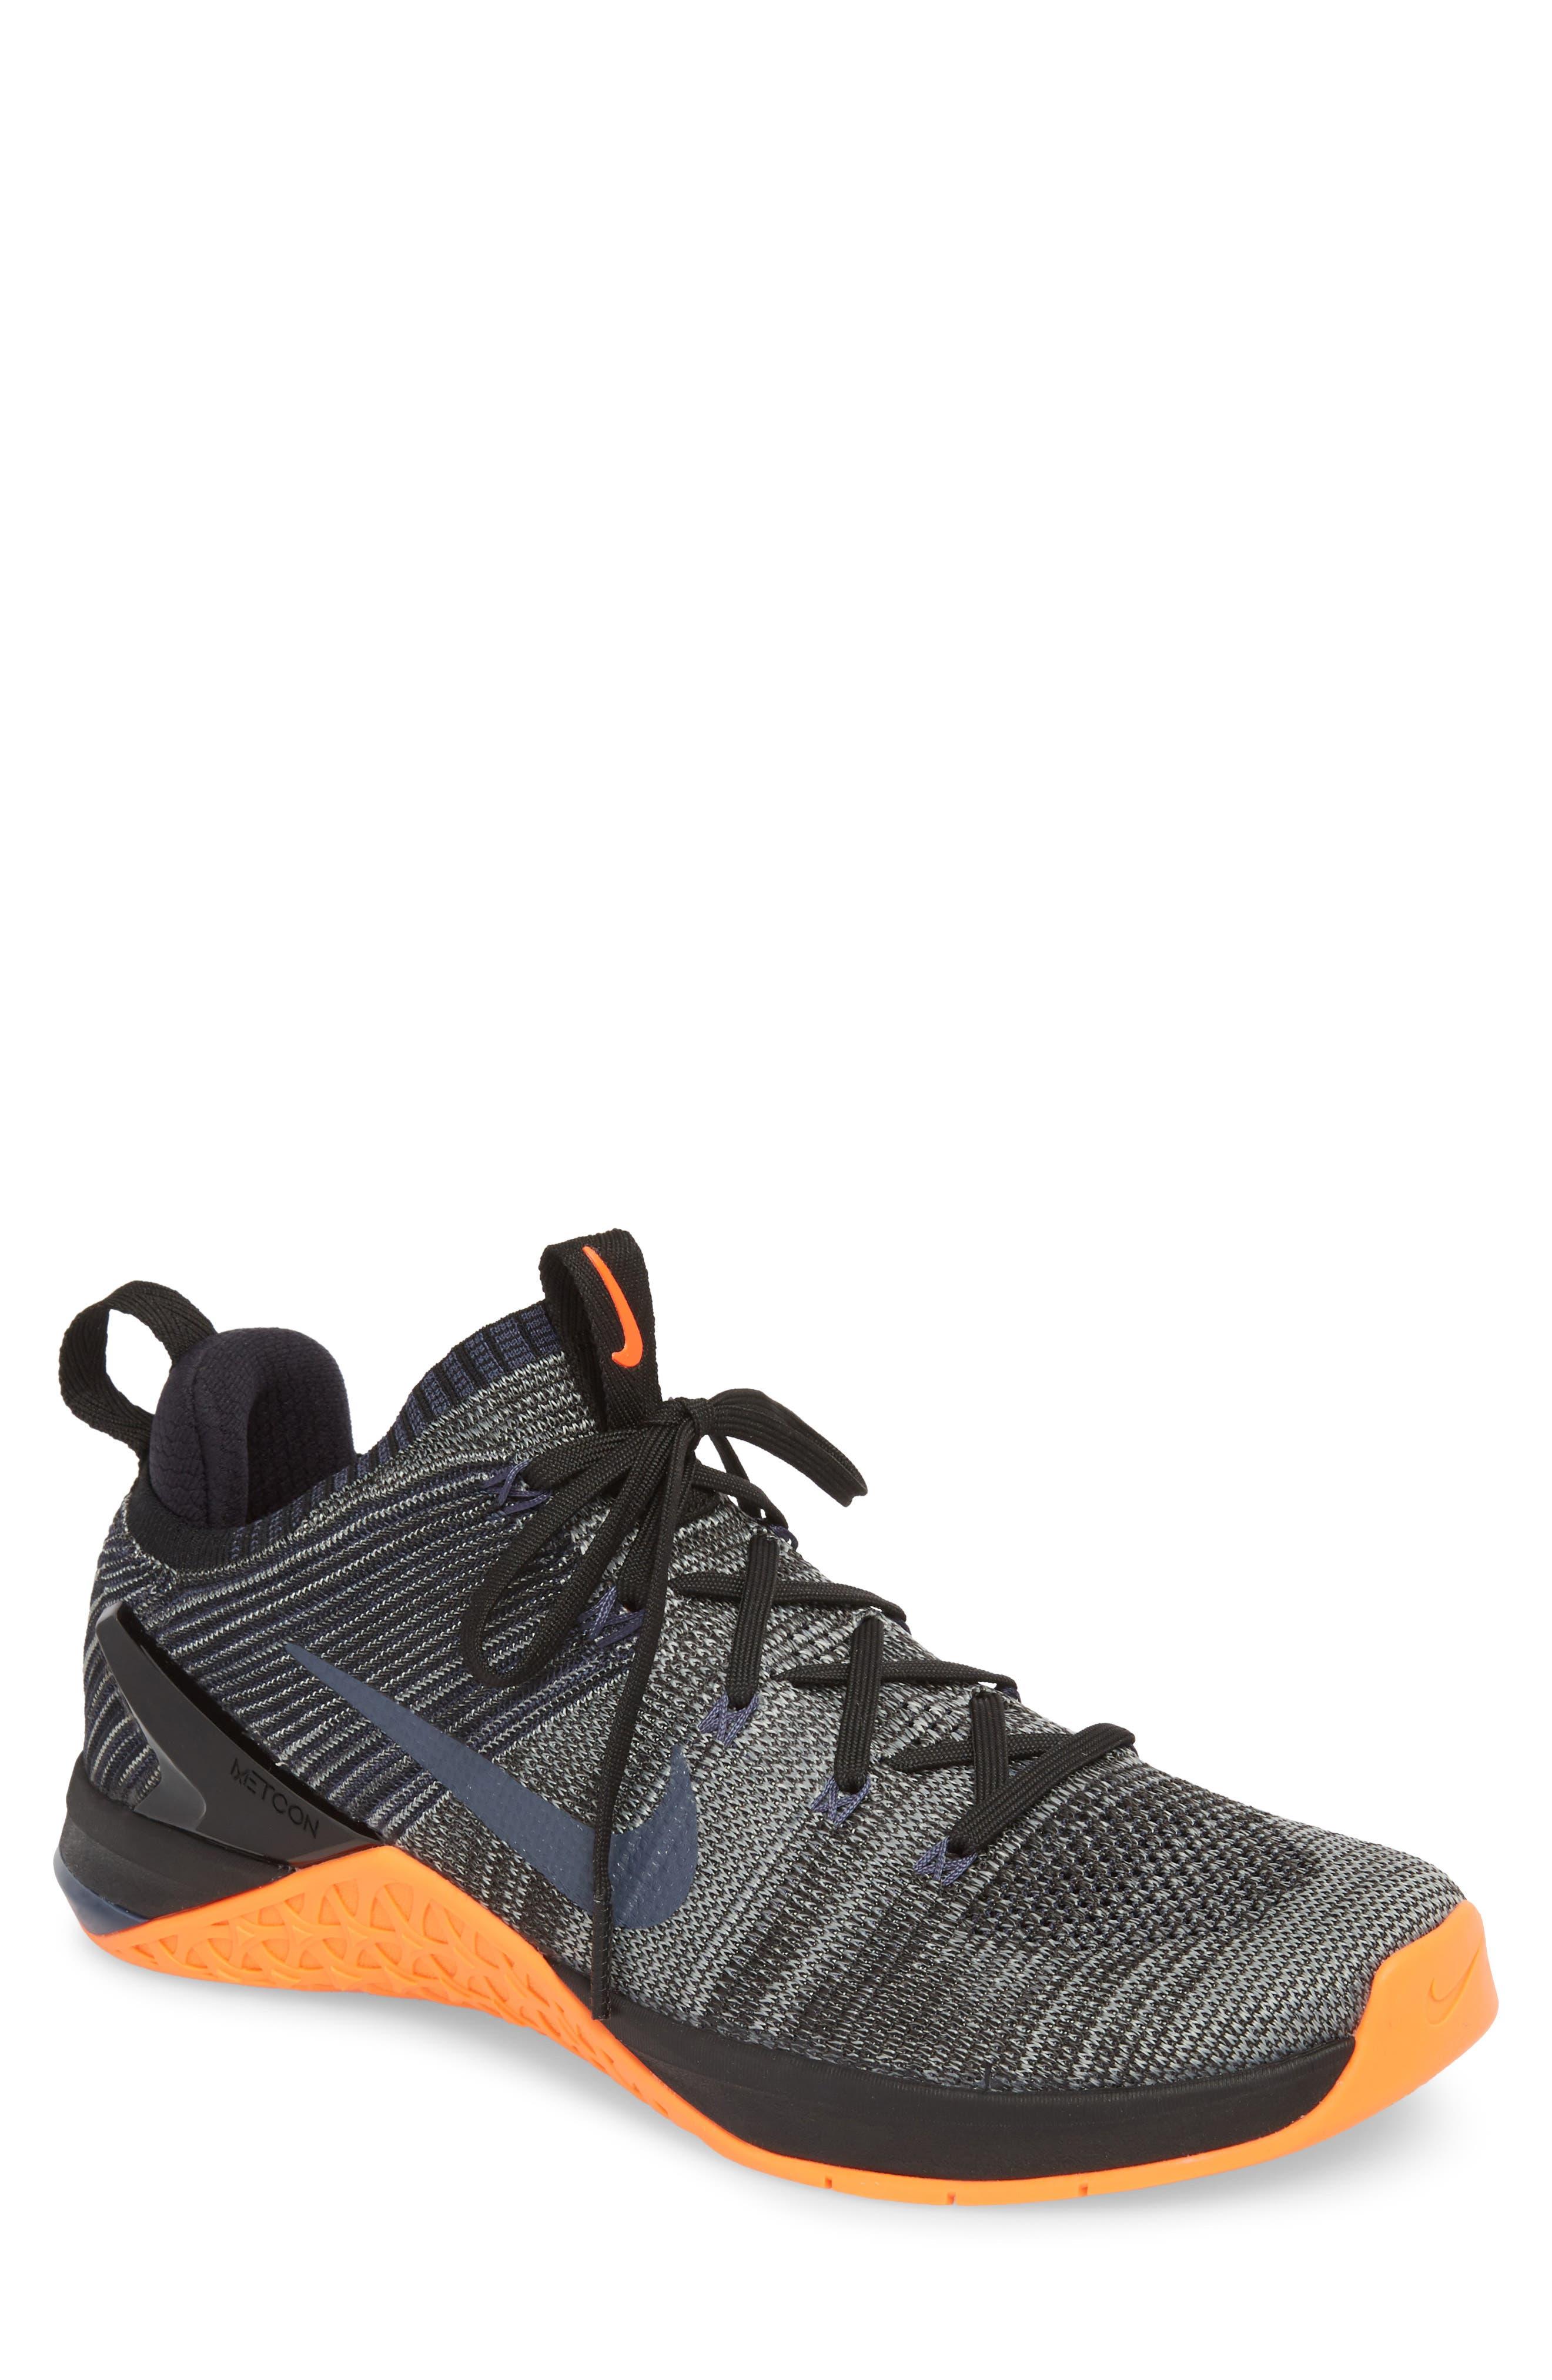 Nike Metcon DSX Flyknit 2 Training Shoe (Men)